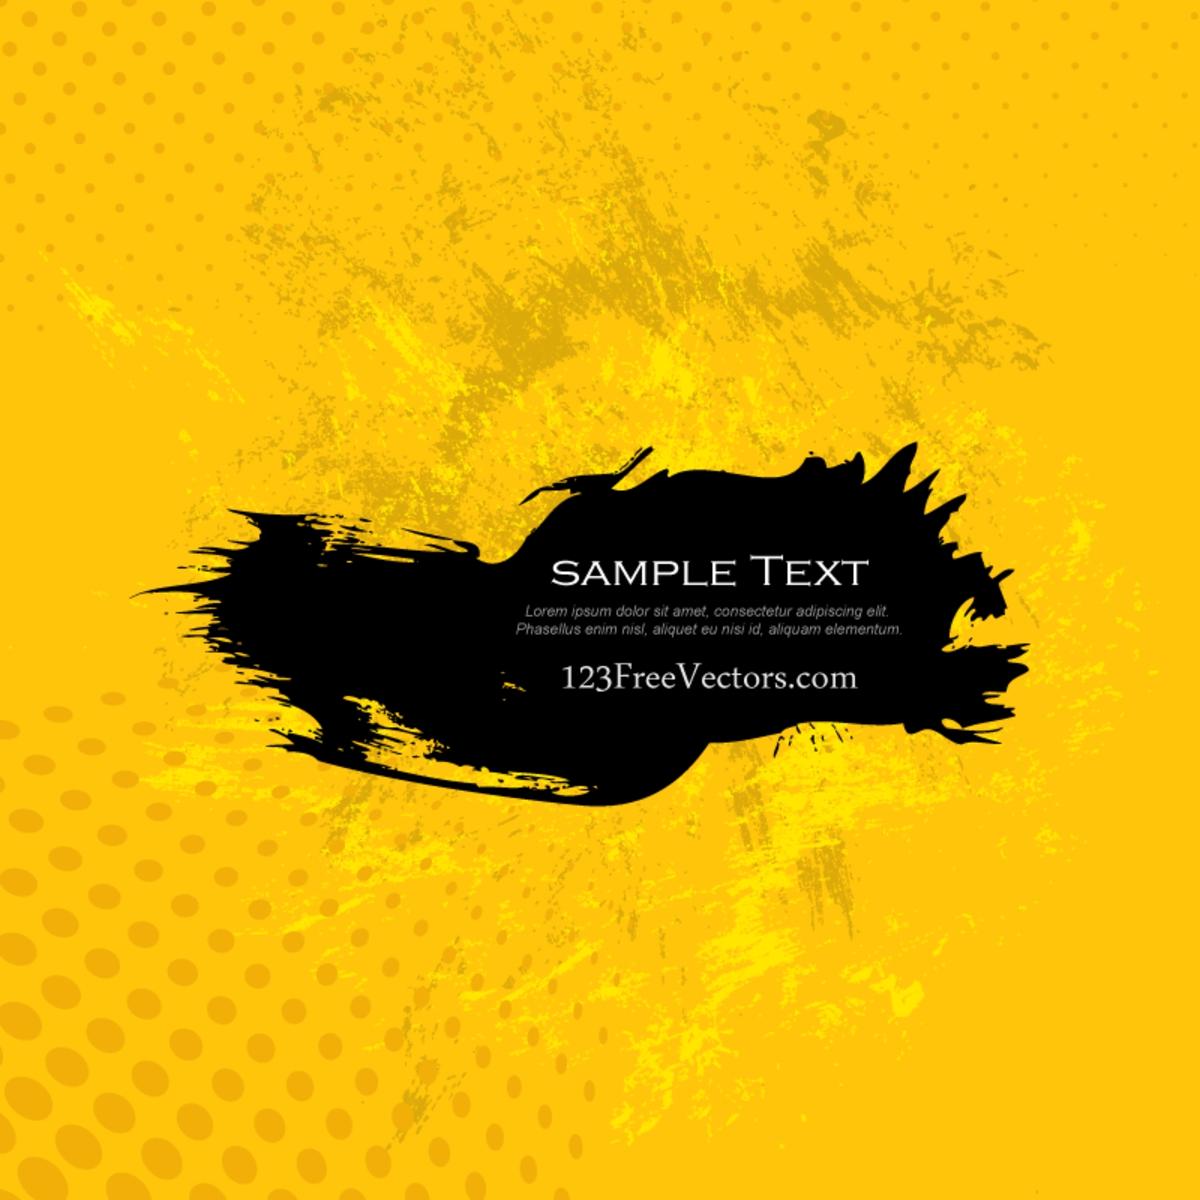 0008_纹理_复古破旧痕迹纹理背景矢量设计素材大图01辑-Grunge-Background-007_xPX_EPS_DPI_11_0